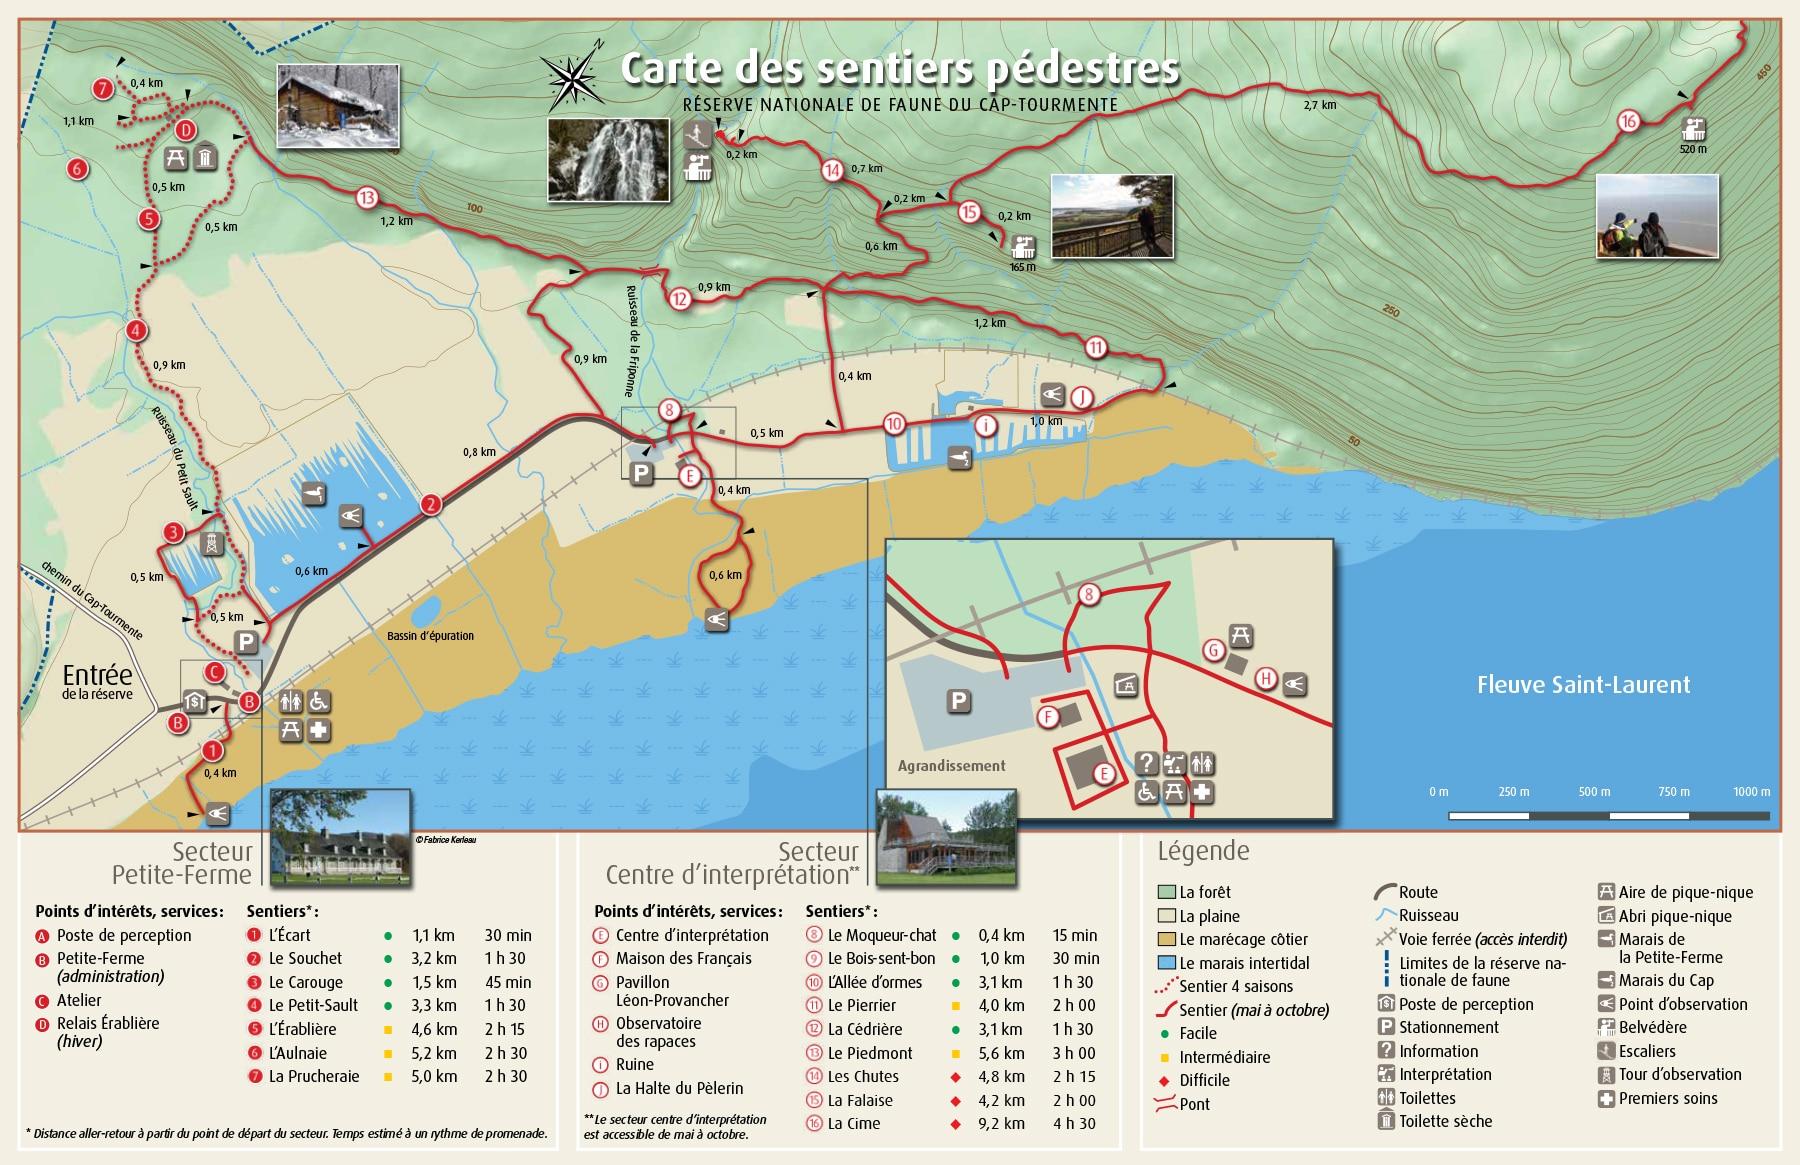 Carte des sentiers de la Réserve nationale de faune du Cap‑Tourmente